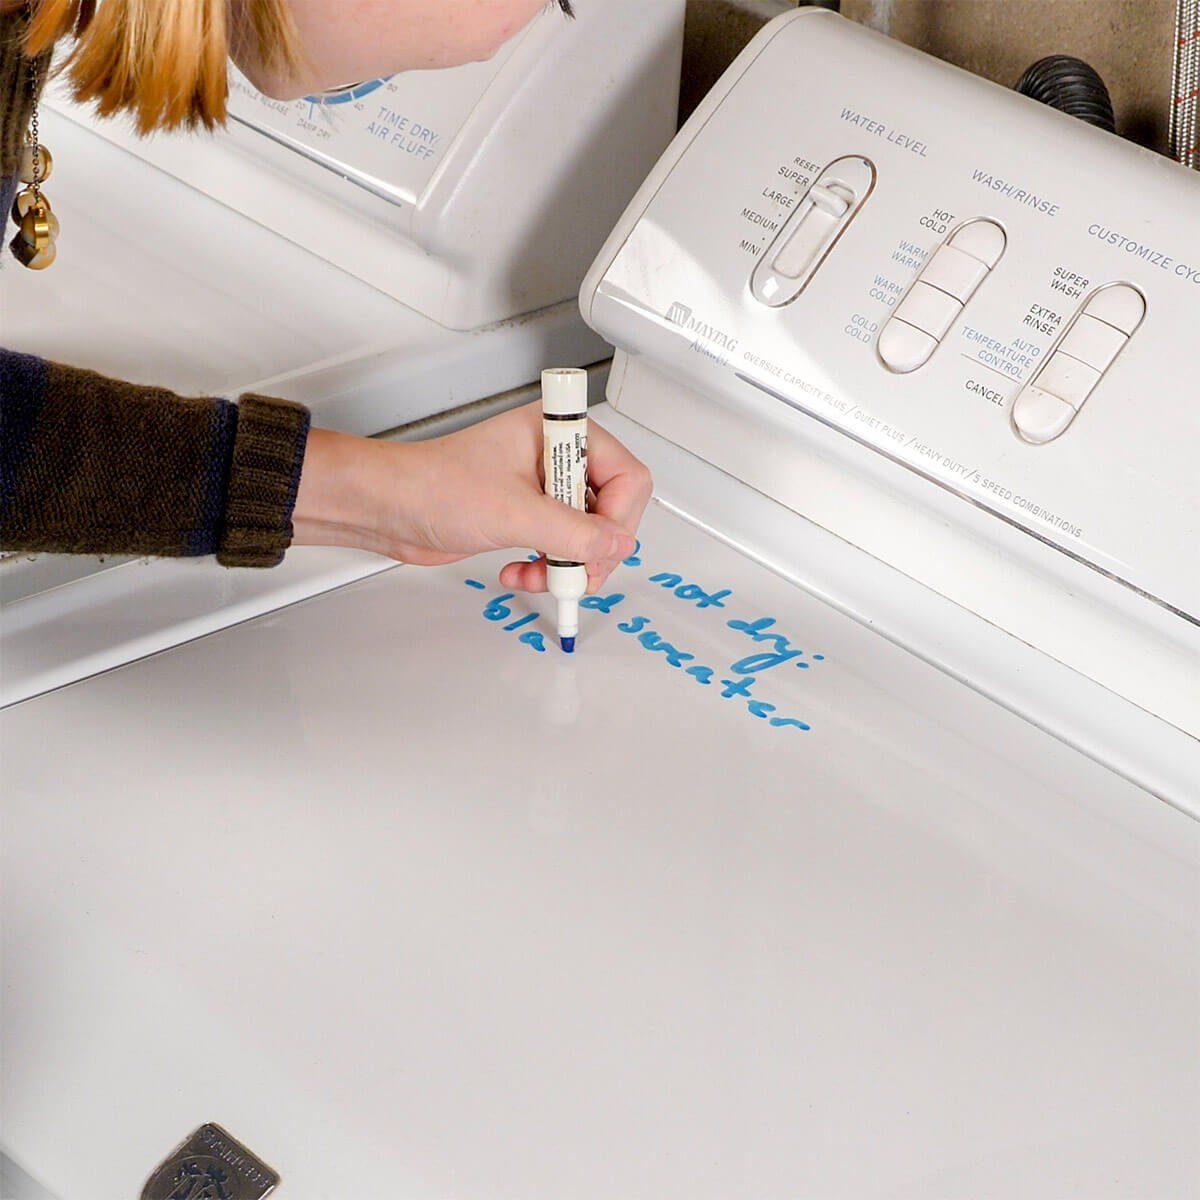 Writing on washer